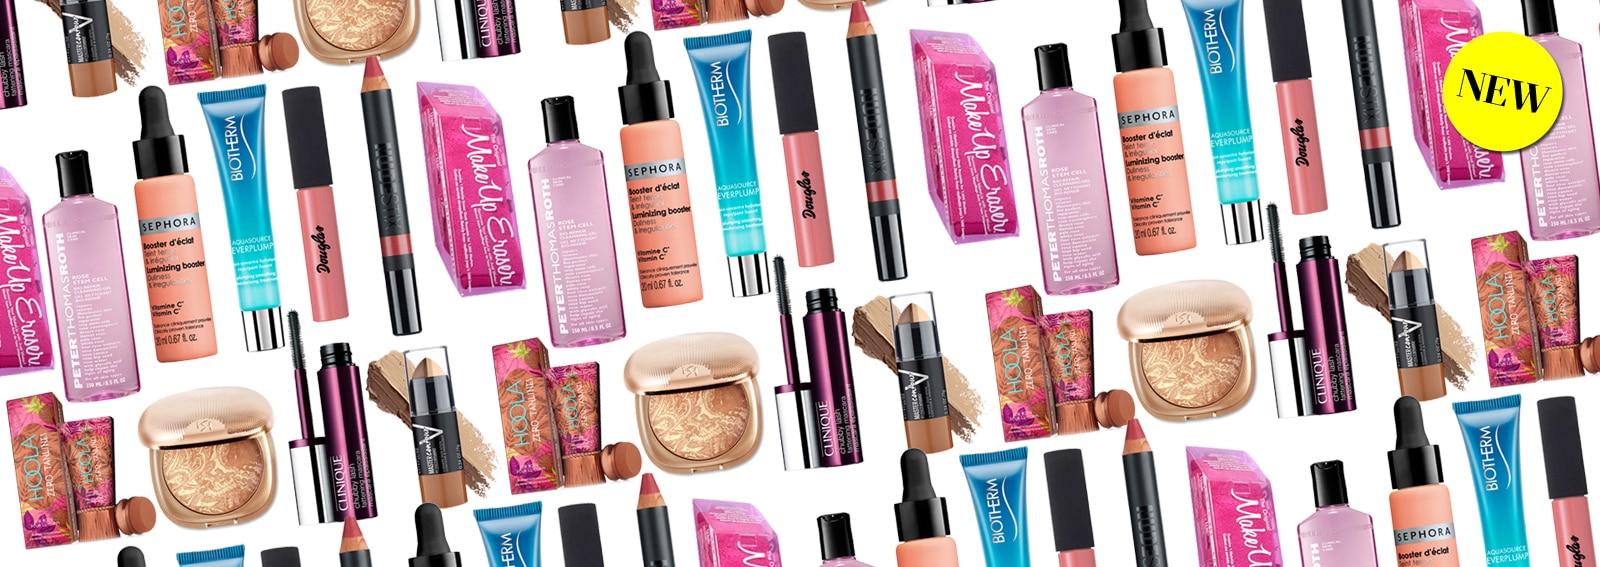 prodotti beauty da provare adesso aprile 2016